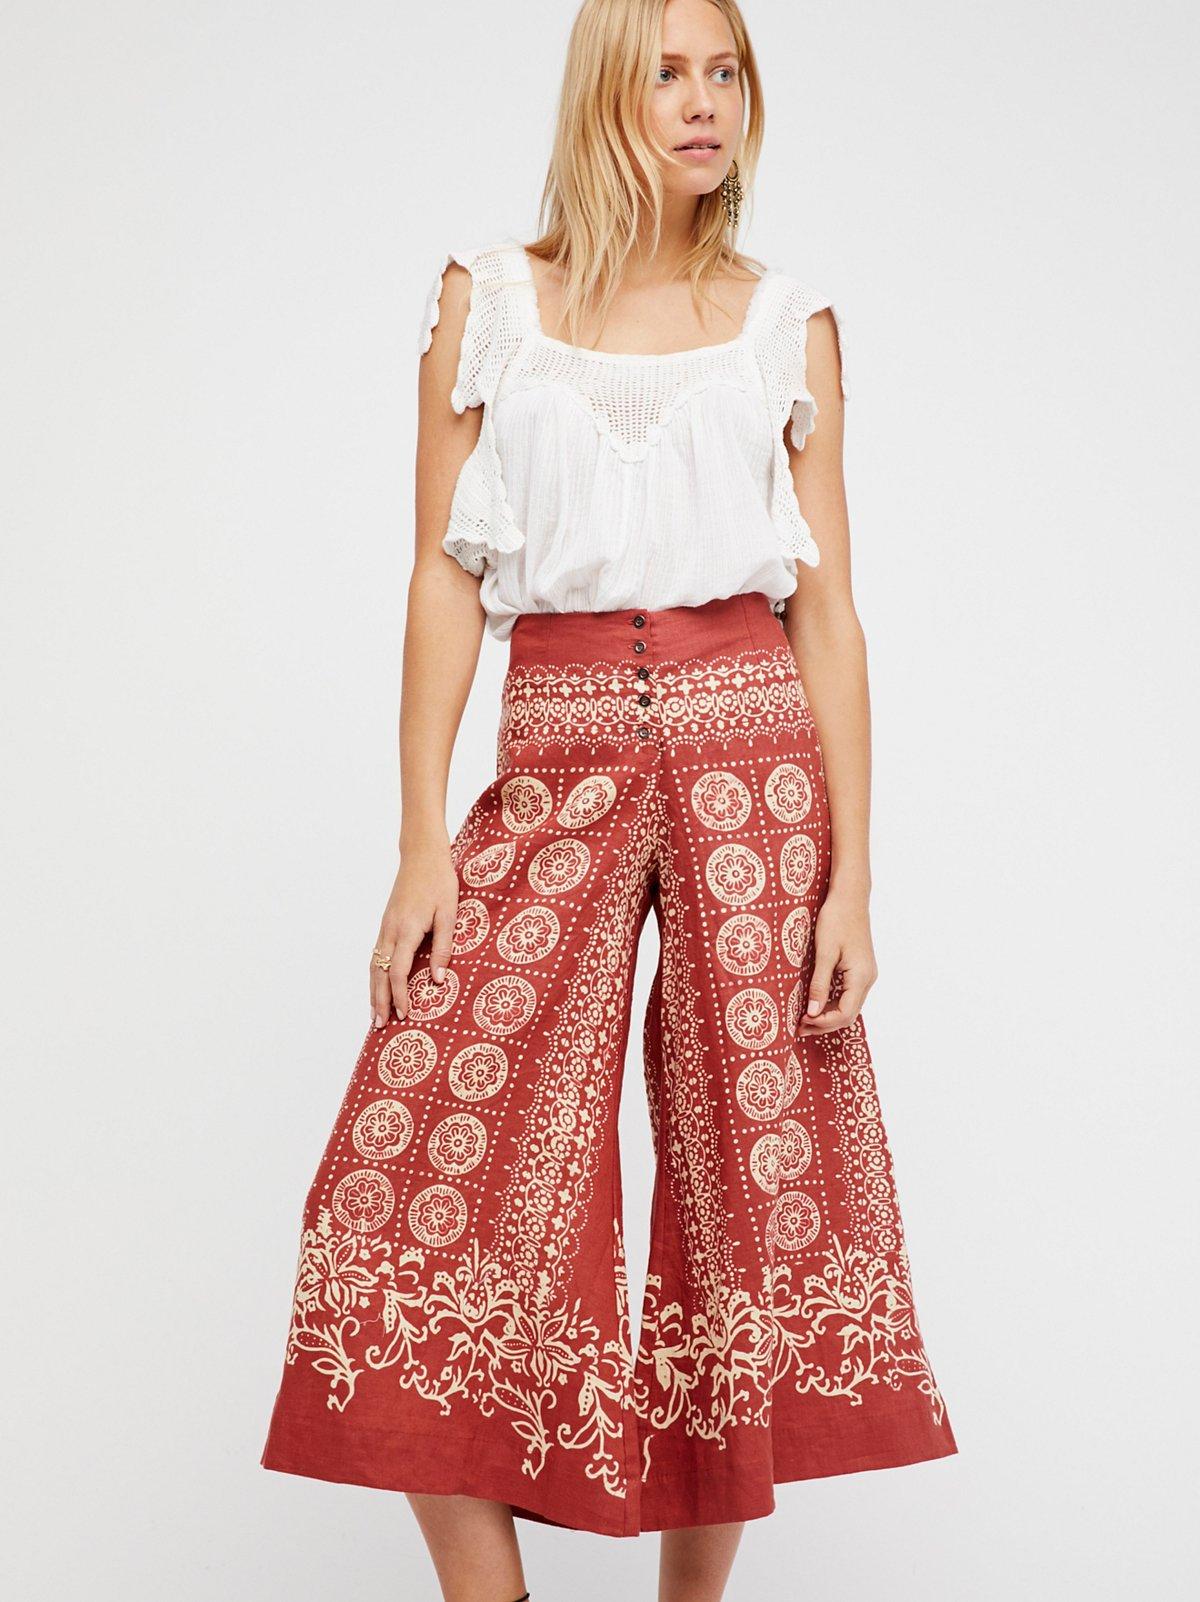 Bali Bandana Trousers